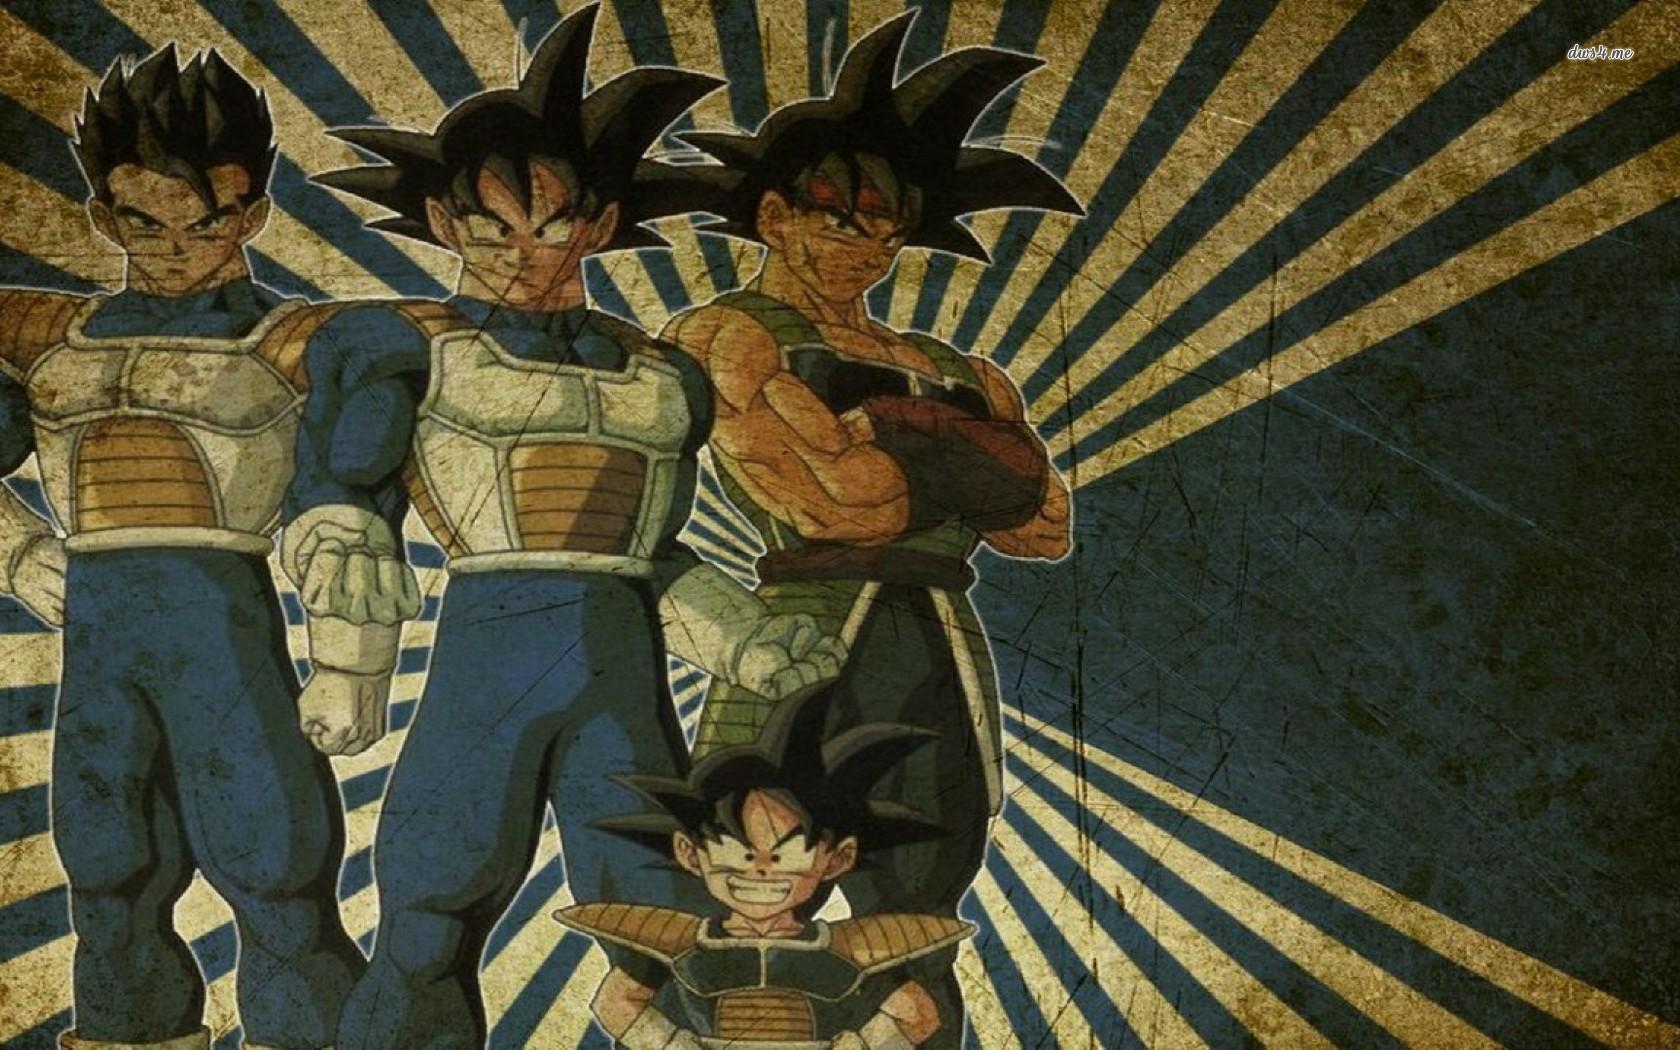 Goku Wallpaper hd for PC (22)